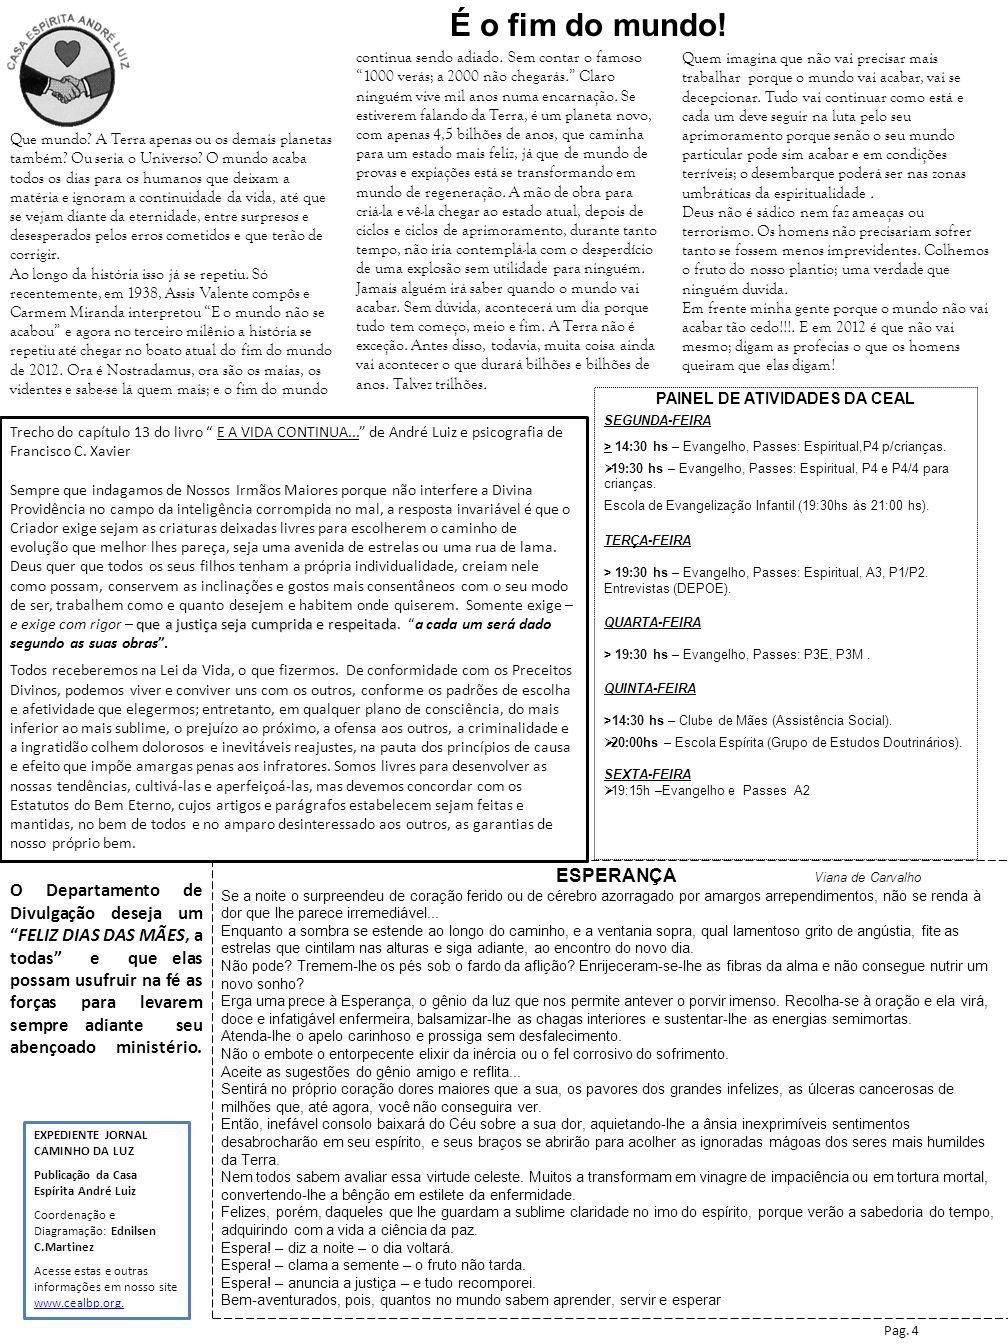 Ano XVII– n o 86 EDITORIAL CEAL Casa Espírita André Luiz INFORMATIVO – Maio/Junho 2012 Depto de Divulgação da CEAL www.cealbp.org NESTA EDIÇÃO UM NOME DIFÍCIL LEI DE igualdade Pag.